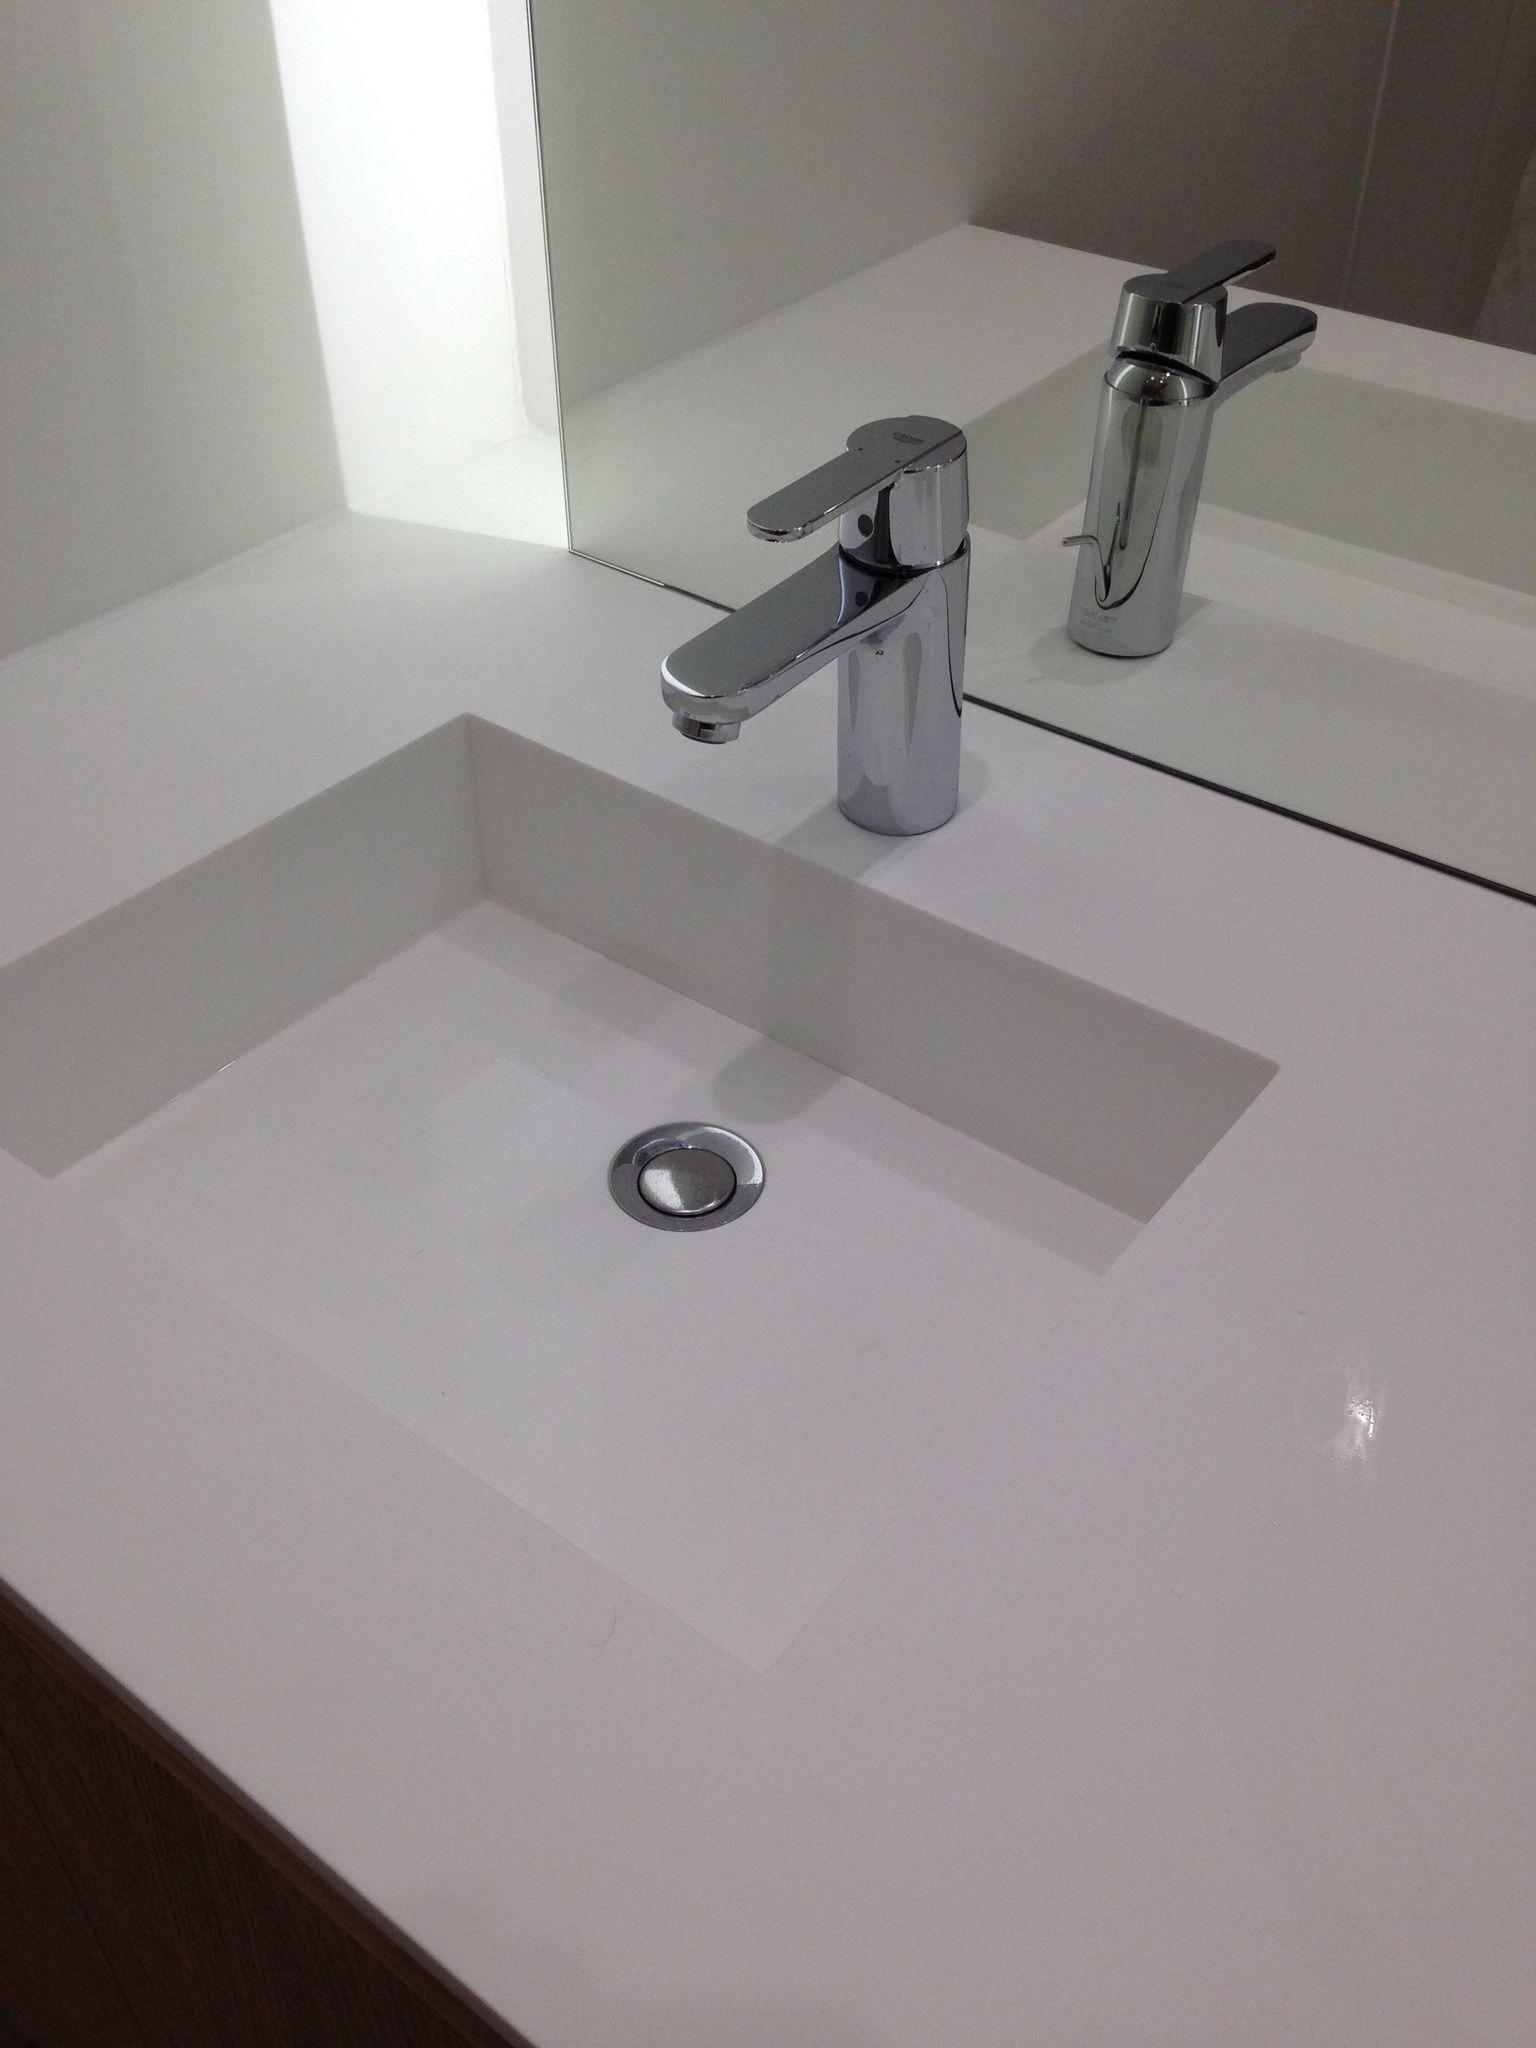 meuble de salle de bain en ch ne massif brut plan de travail en solide surface. Black Bedroom Furniture Sets. Home Design Ideas